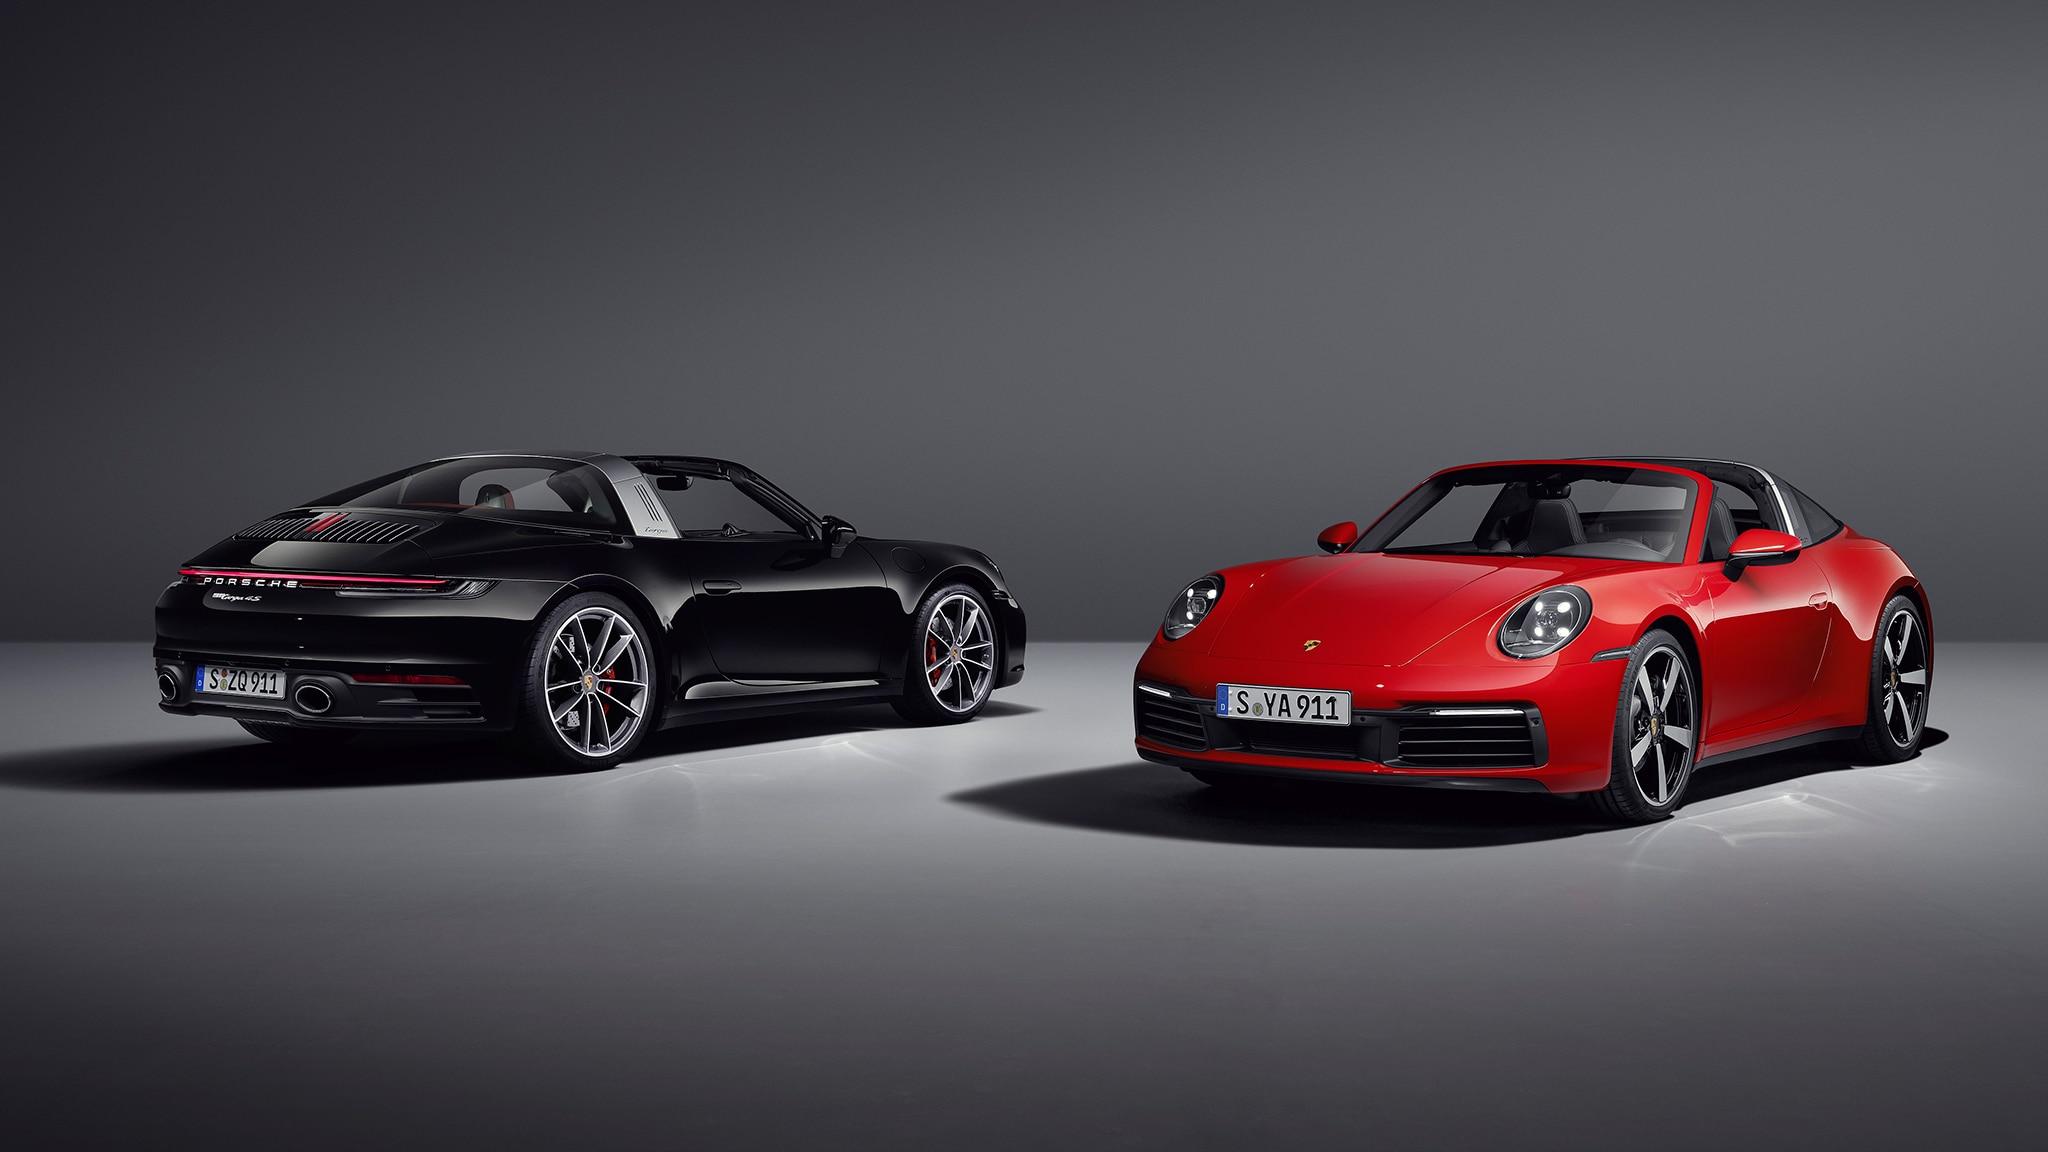 The Targa is Back! The New 2021 Porsche 911 Targa 4 and Targa 4S ...